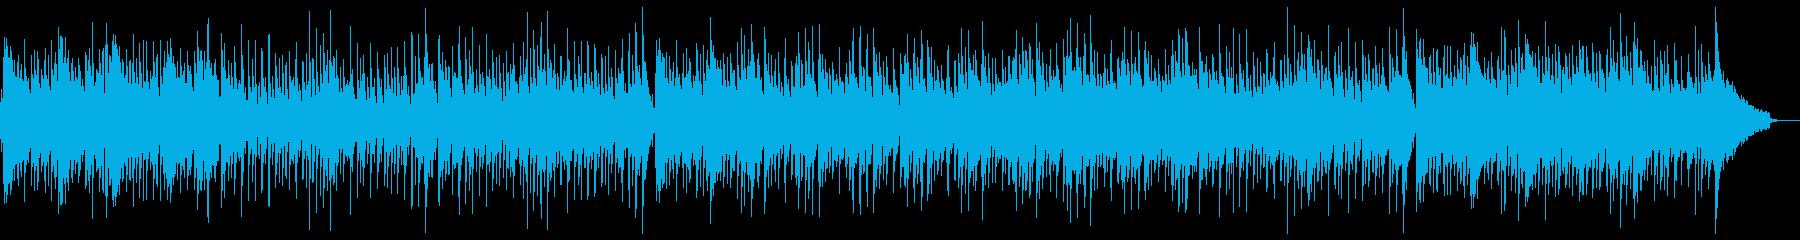 ぶらり旅ユーモラスで楽しい曲:和楽器版の再生済みの波形